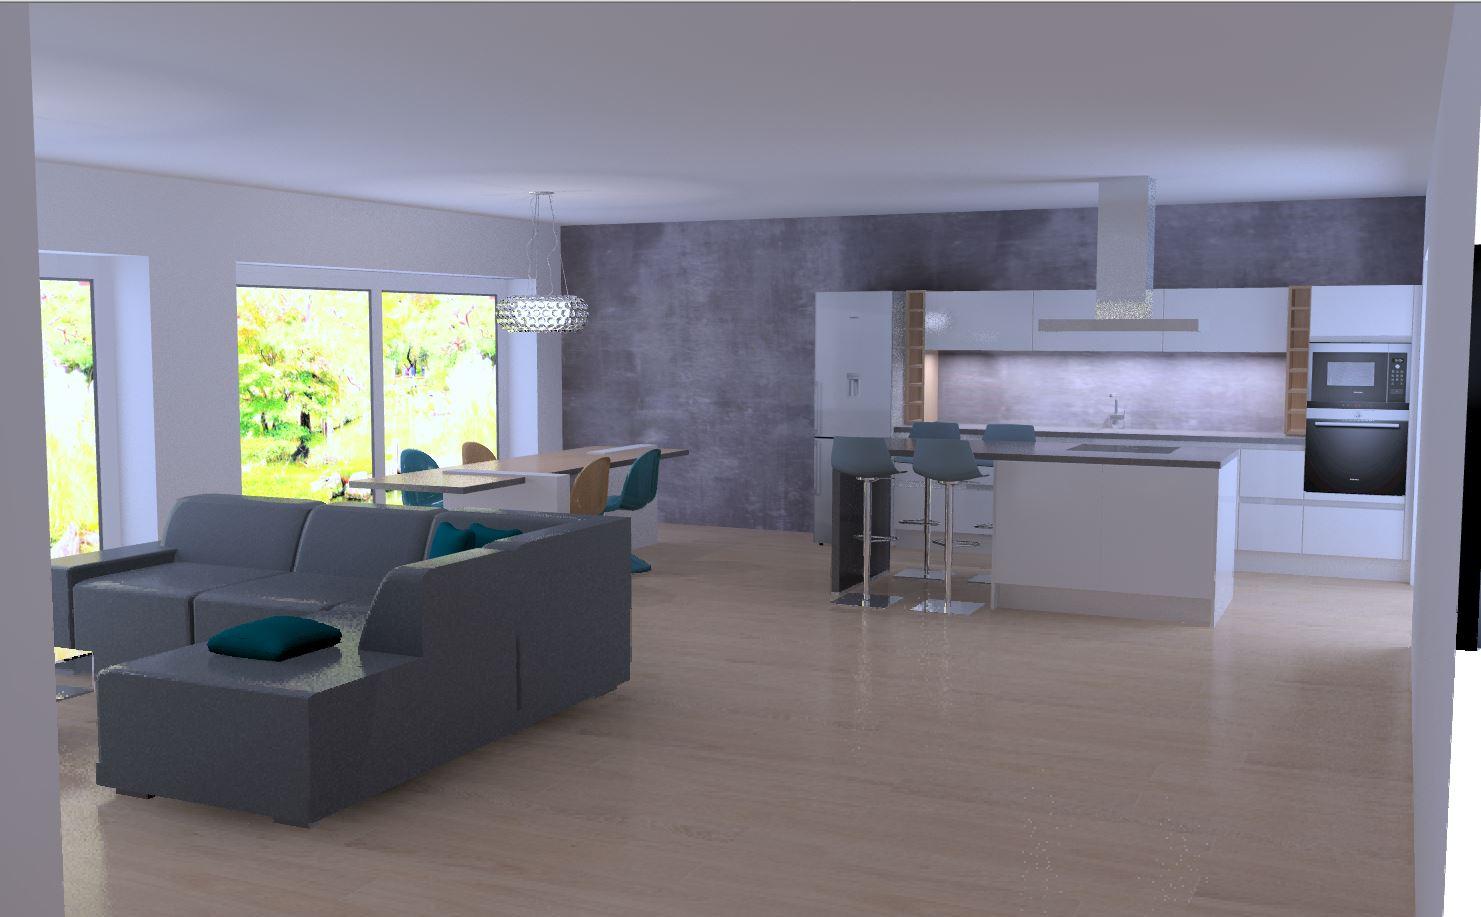 cuisine intérieur design présente une cuisine équipée, tendance, design, moderne et contemporaine, blanche, cuisine ouverte sans pognée, avec îlot central dînatoire, plan de travail en stratifié gris effet béton, niche en bois sur mesure.